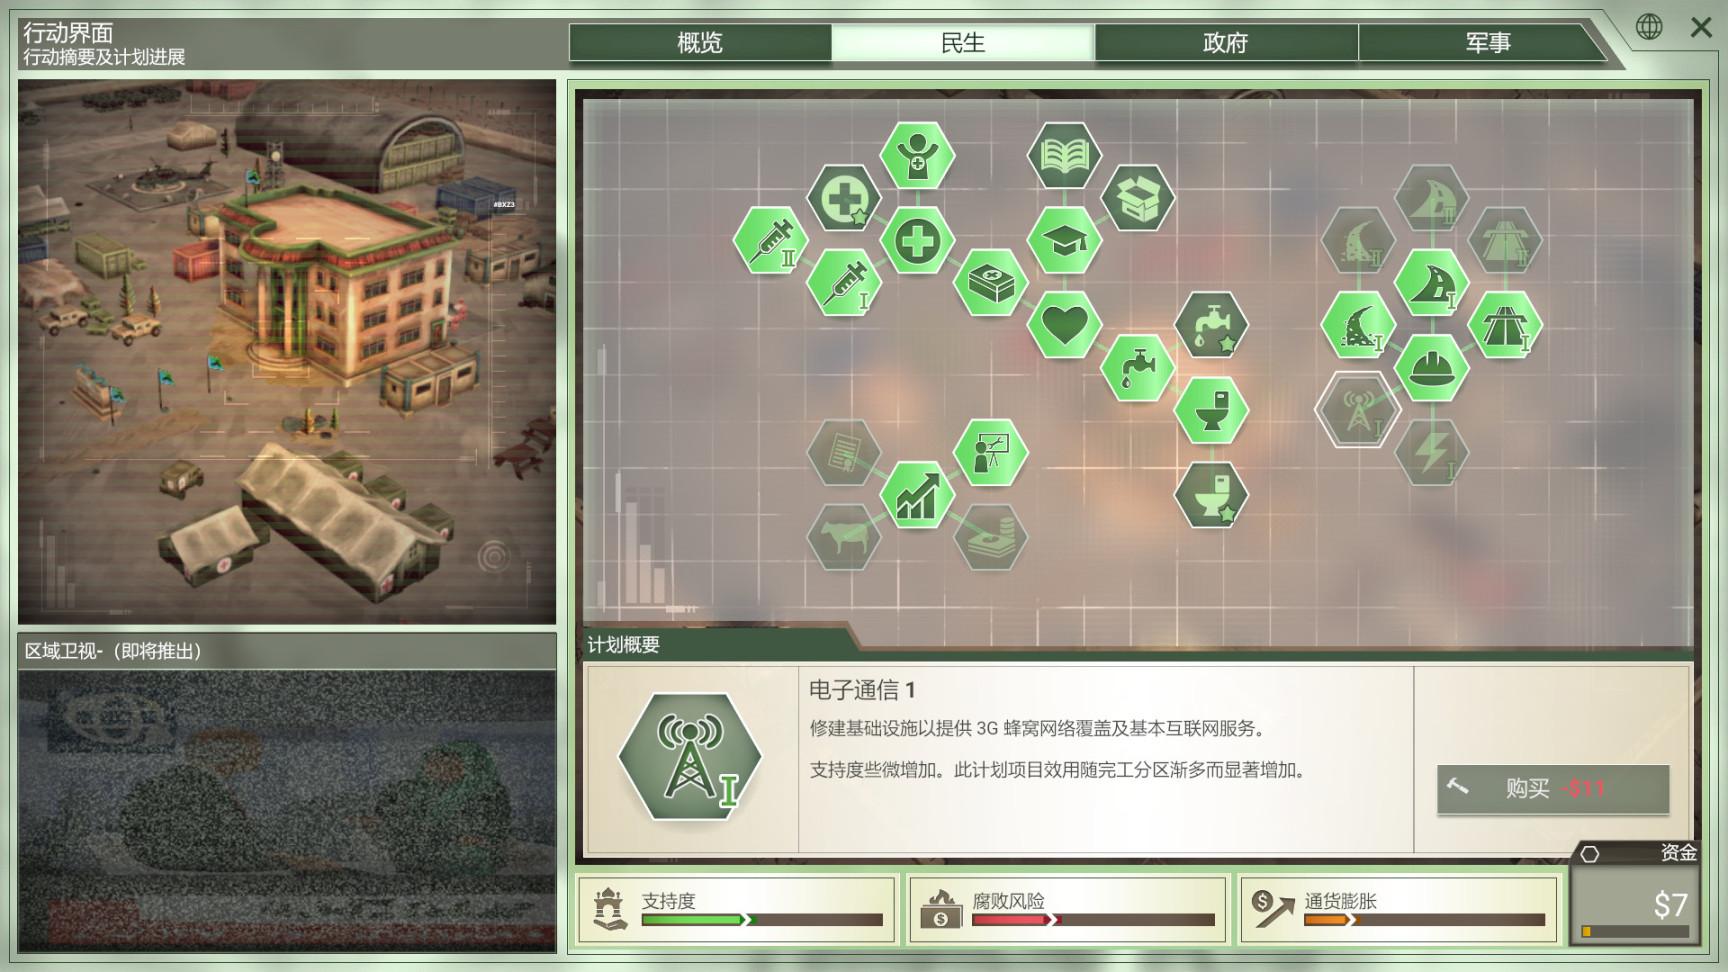 Steam特惠:《辐射》系列《房产达人》《这就是警察2》等特惠信息插图41